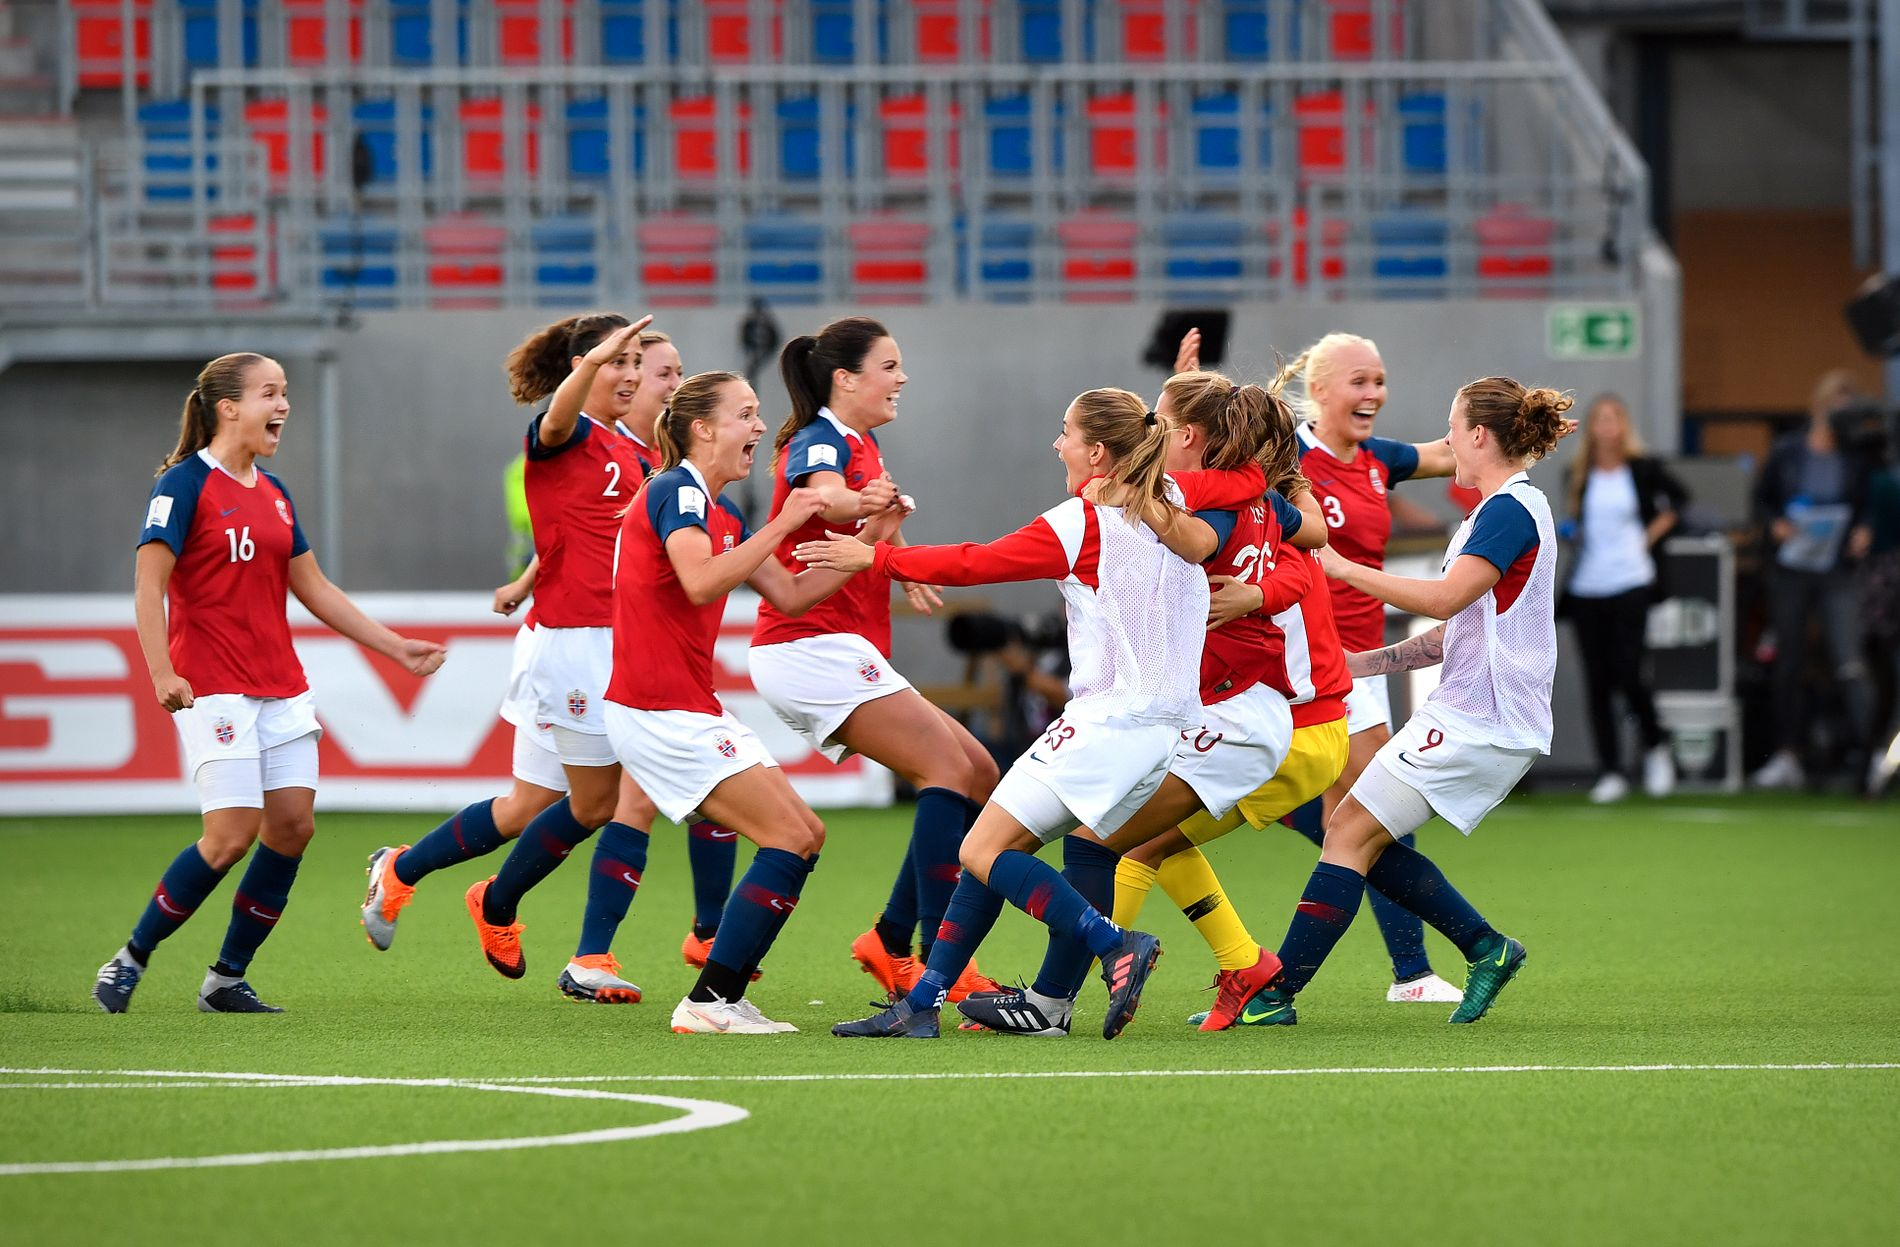 JUBEL: De norske spillerne er i ekstase etter å ha kvalifisert seg til VM i Frankrike.